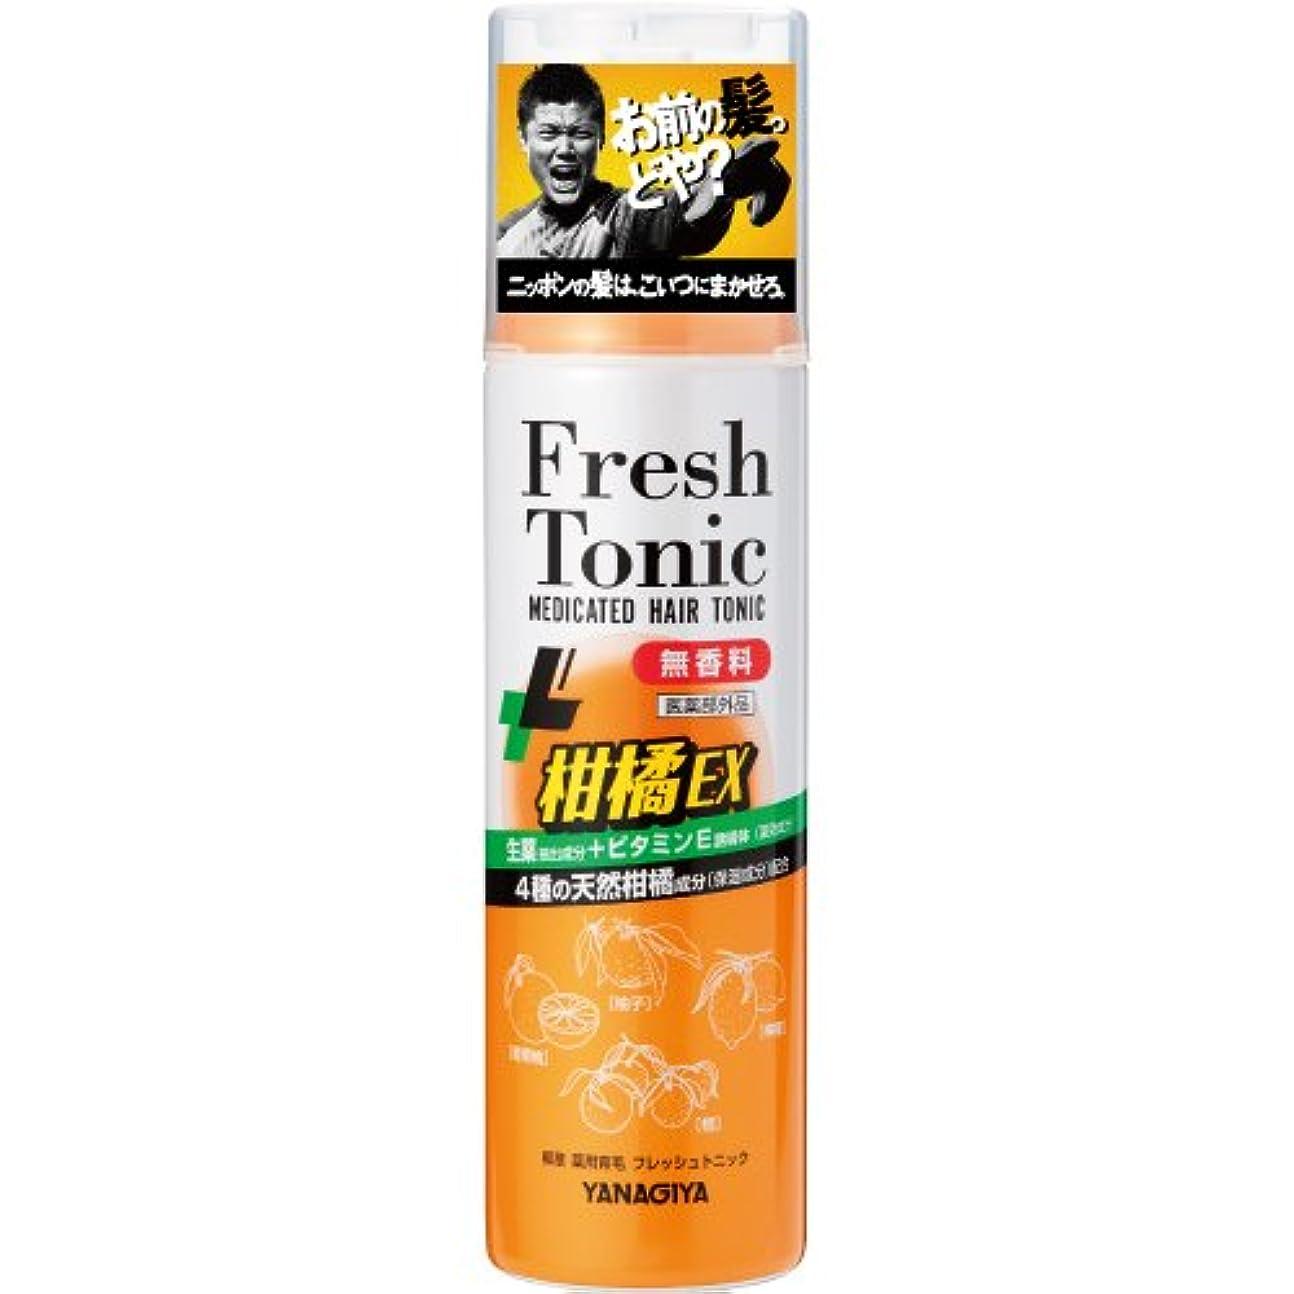 ジャベスウィルソン鉄レモン柳屋 薬用育毛 フレッシュトニック 柑橘EX <無香料> 190g